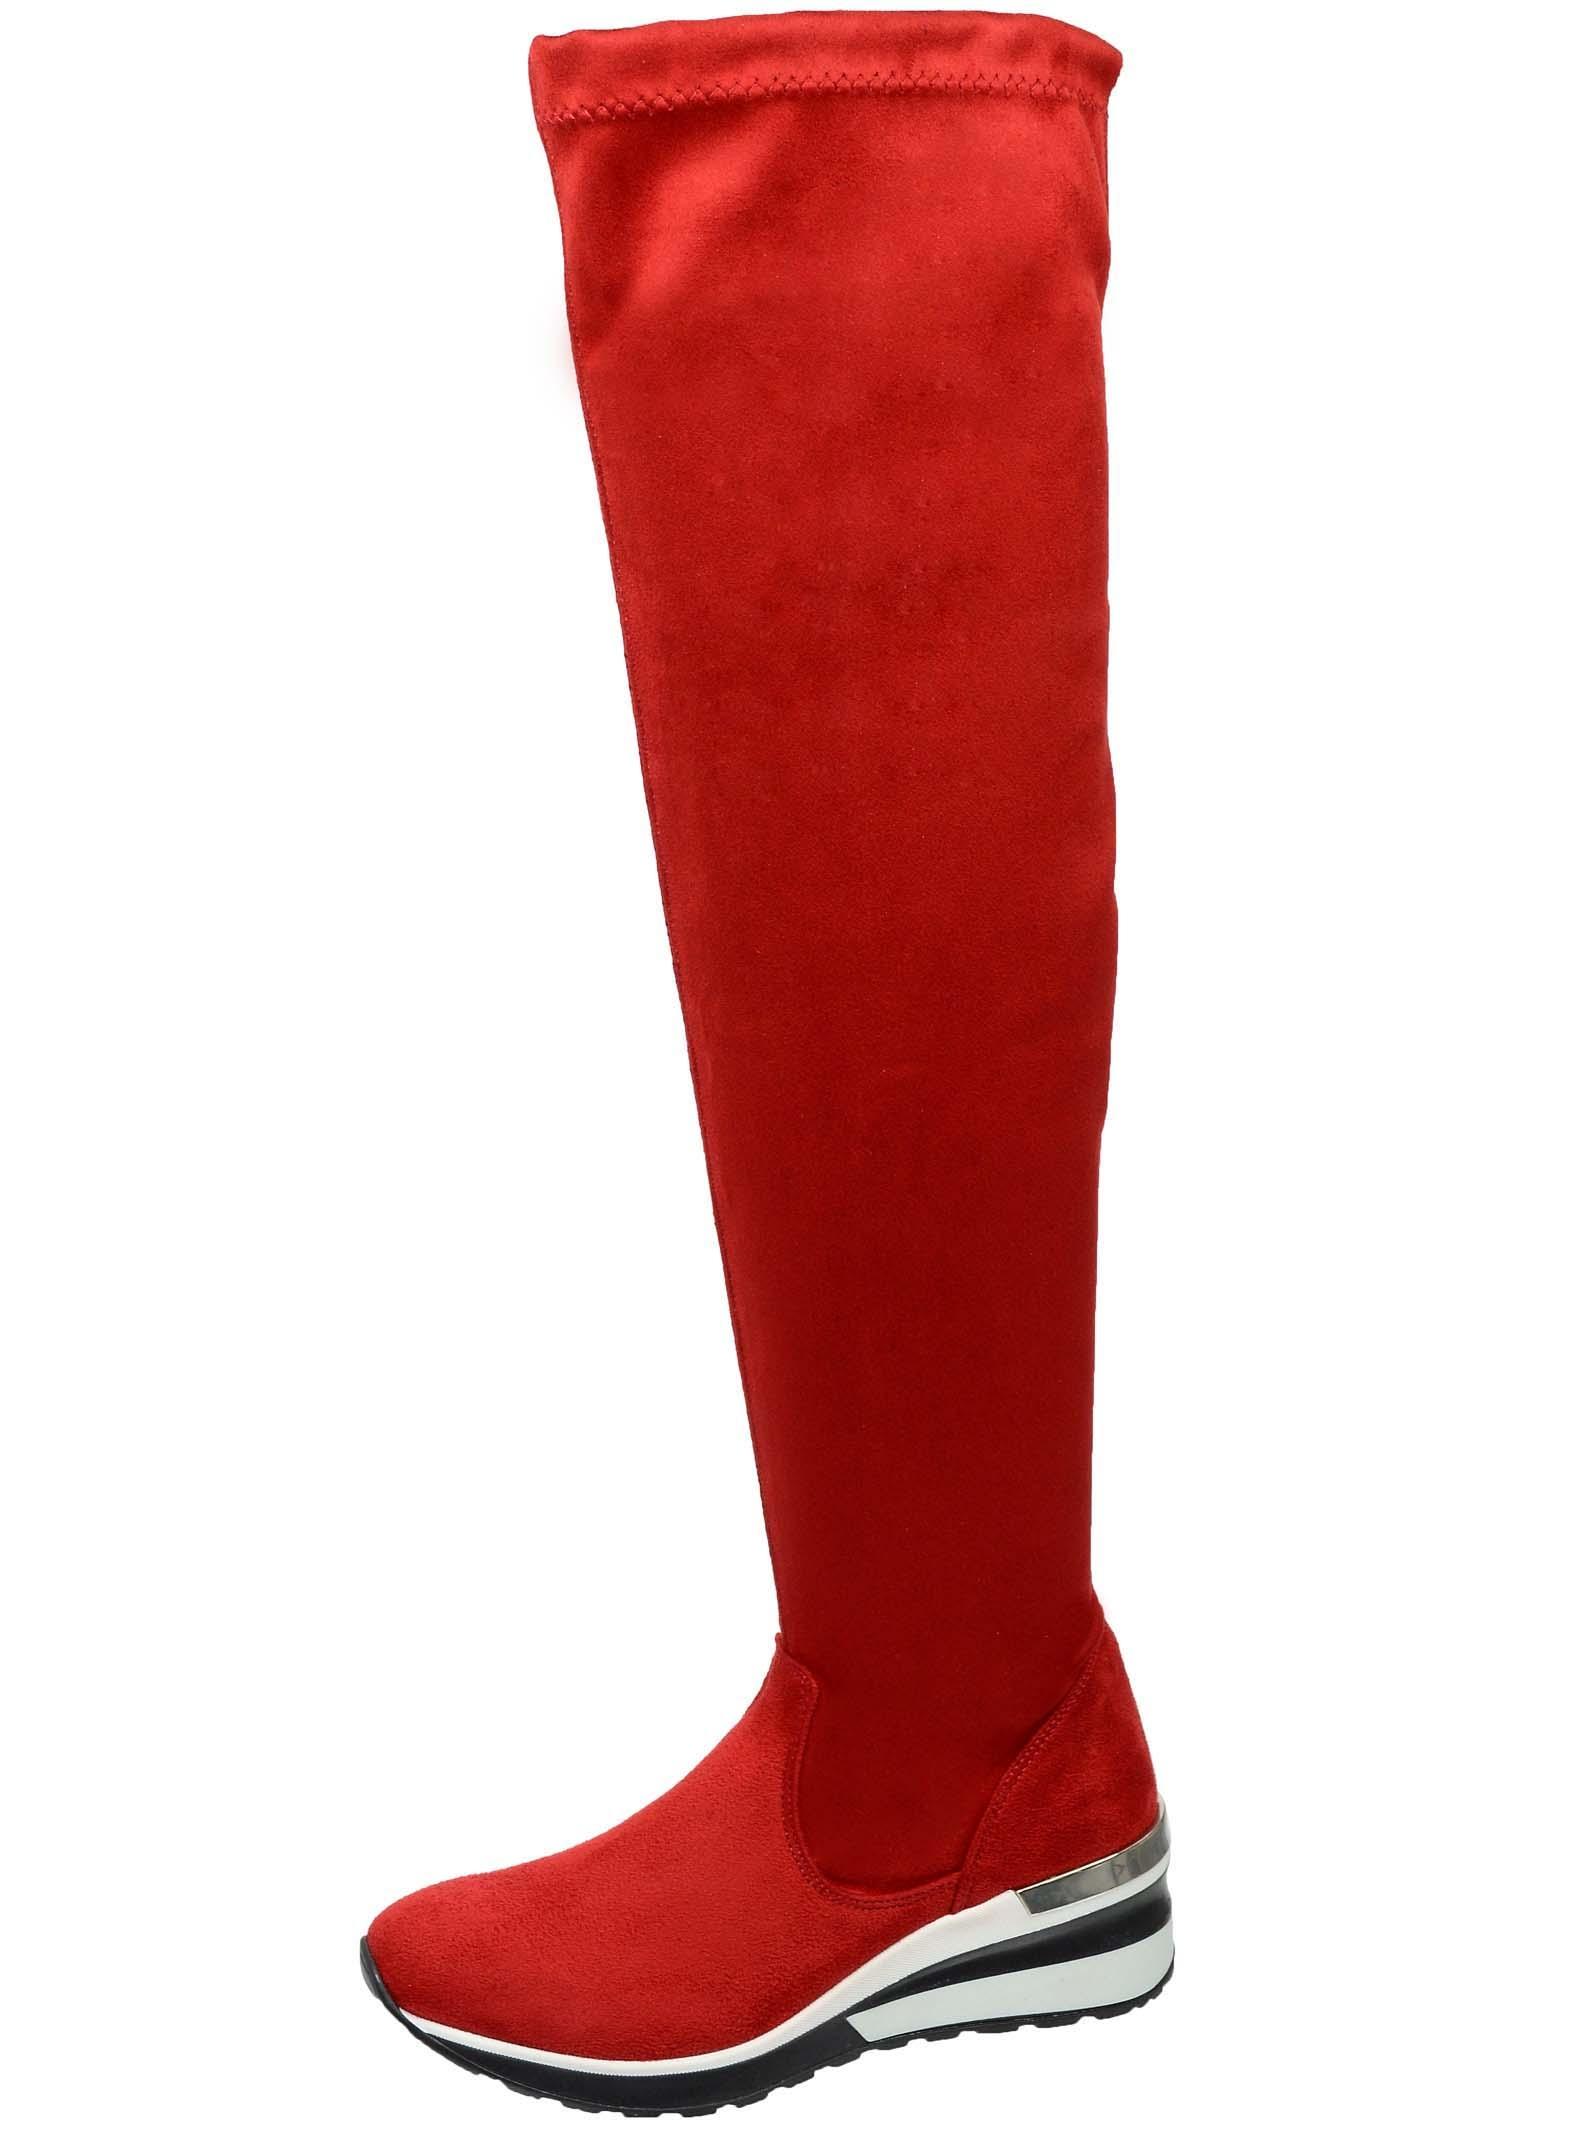 42e273f686 OLIVIA SHOES Červené vysoké čižmy nad kolená DCI029 1 Angel - Glami.sk